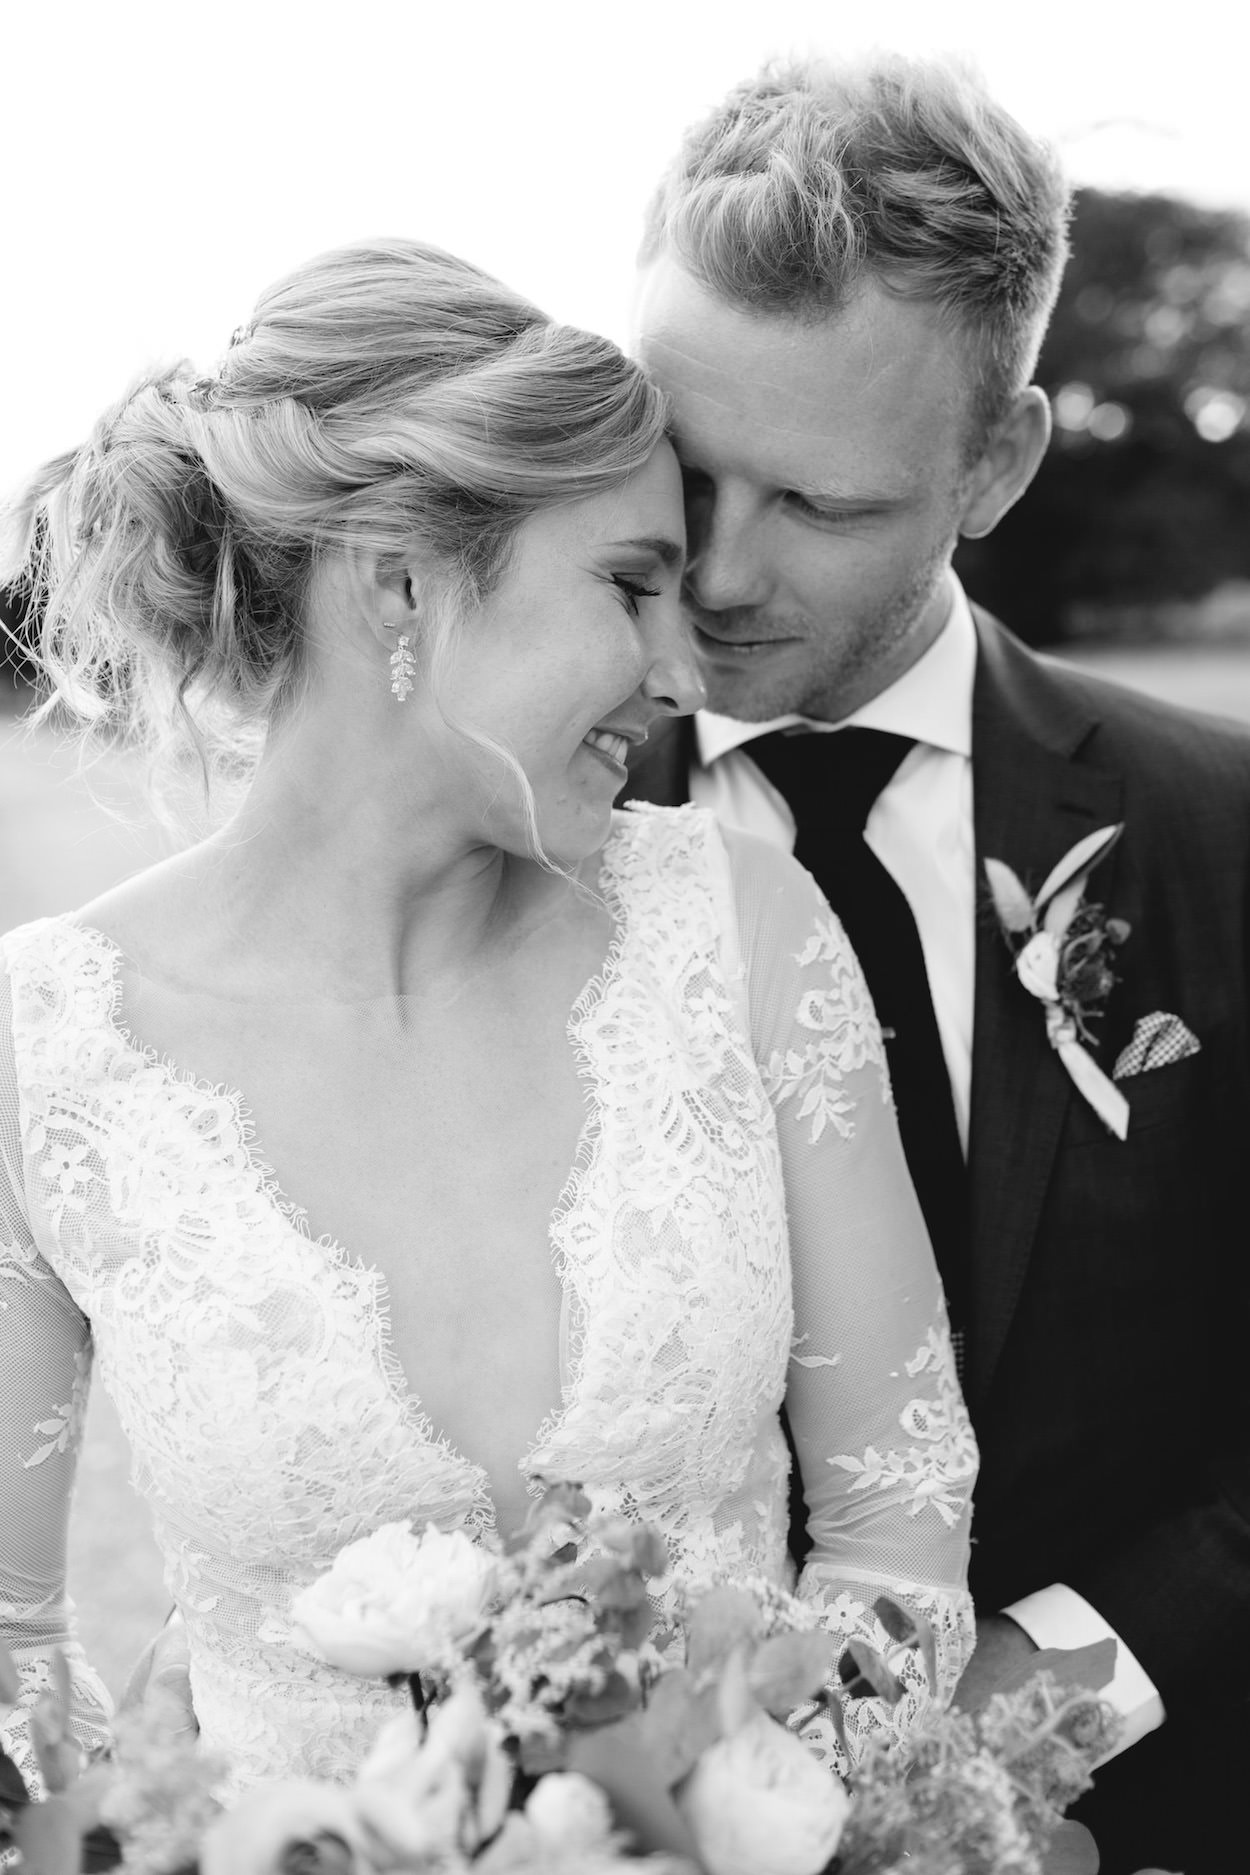 Luxury wedding planning couple, romantic wedding photography Northamptonshire